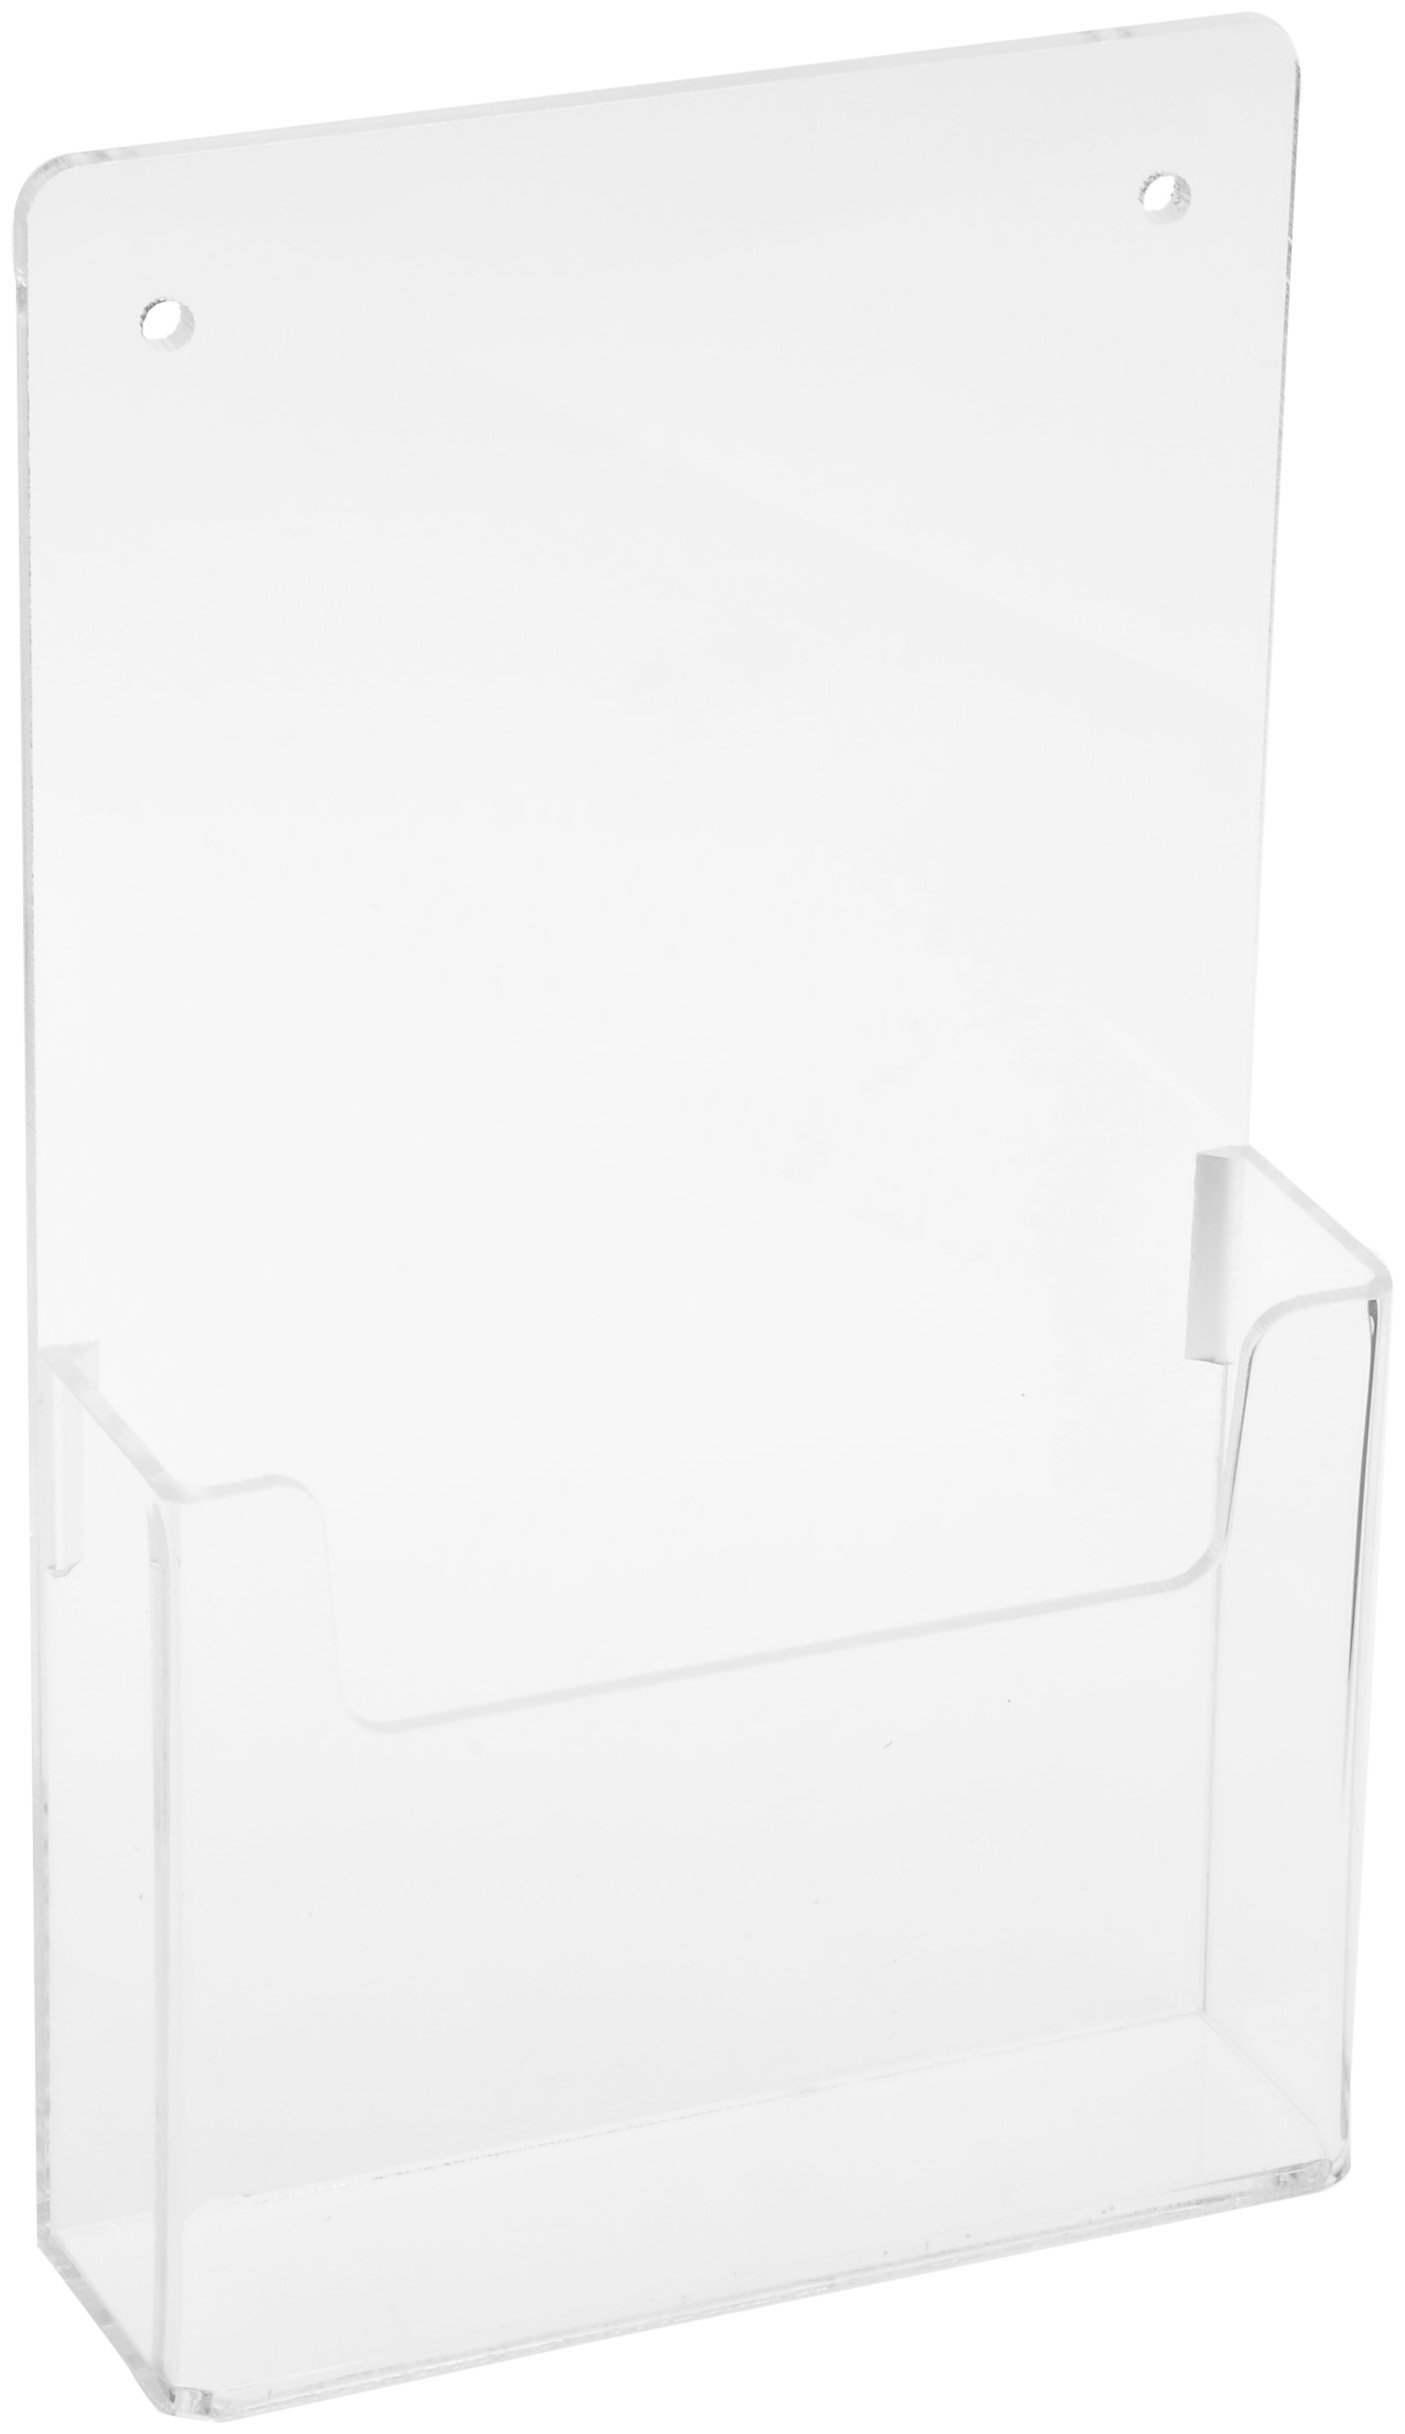 Brady Clear Plastic Tag Holder